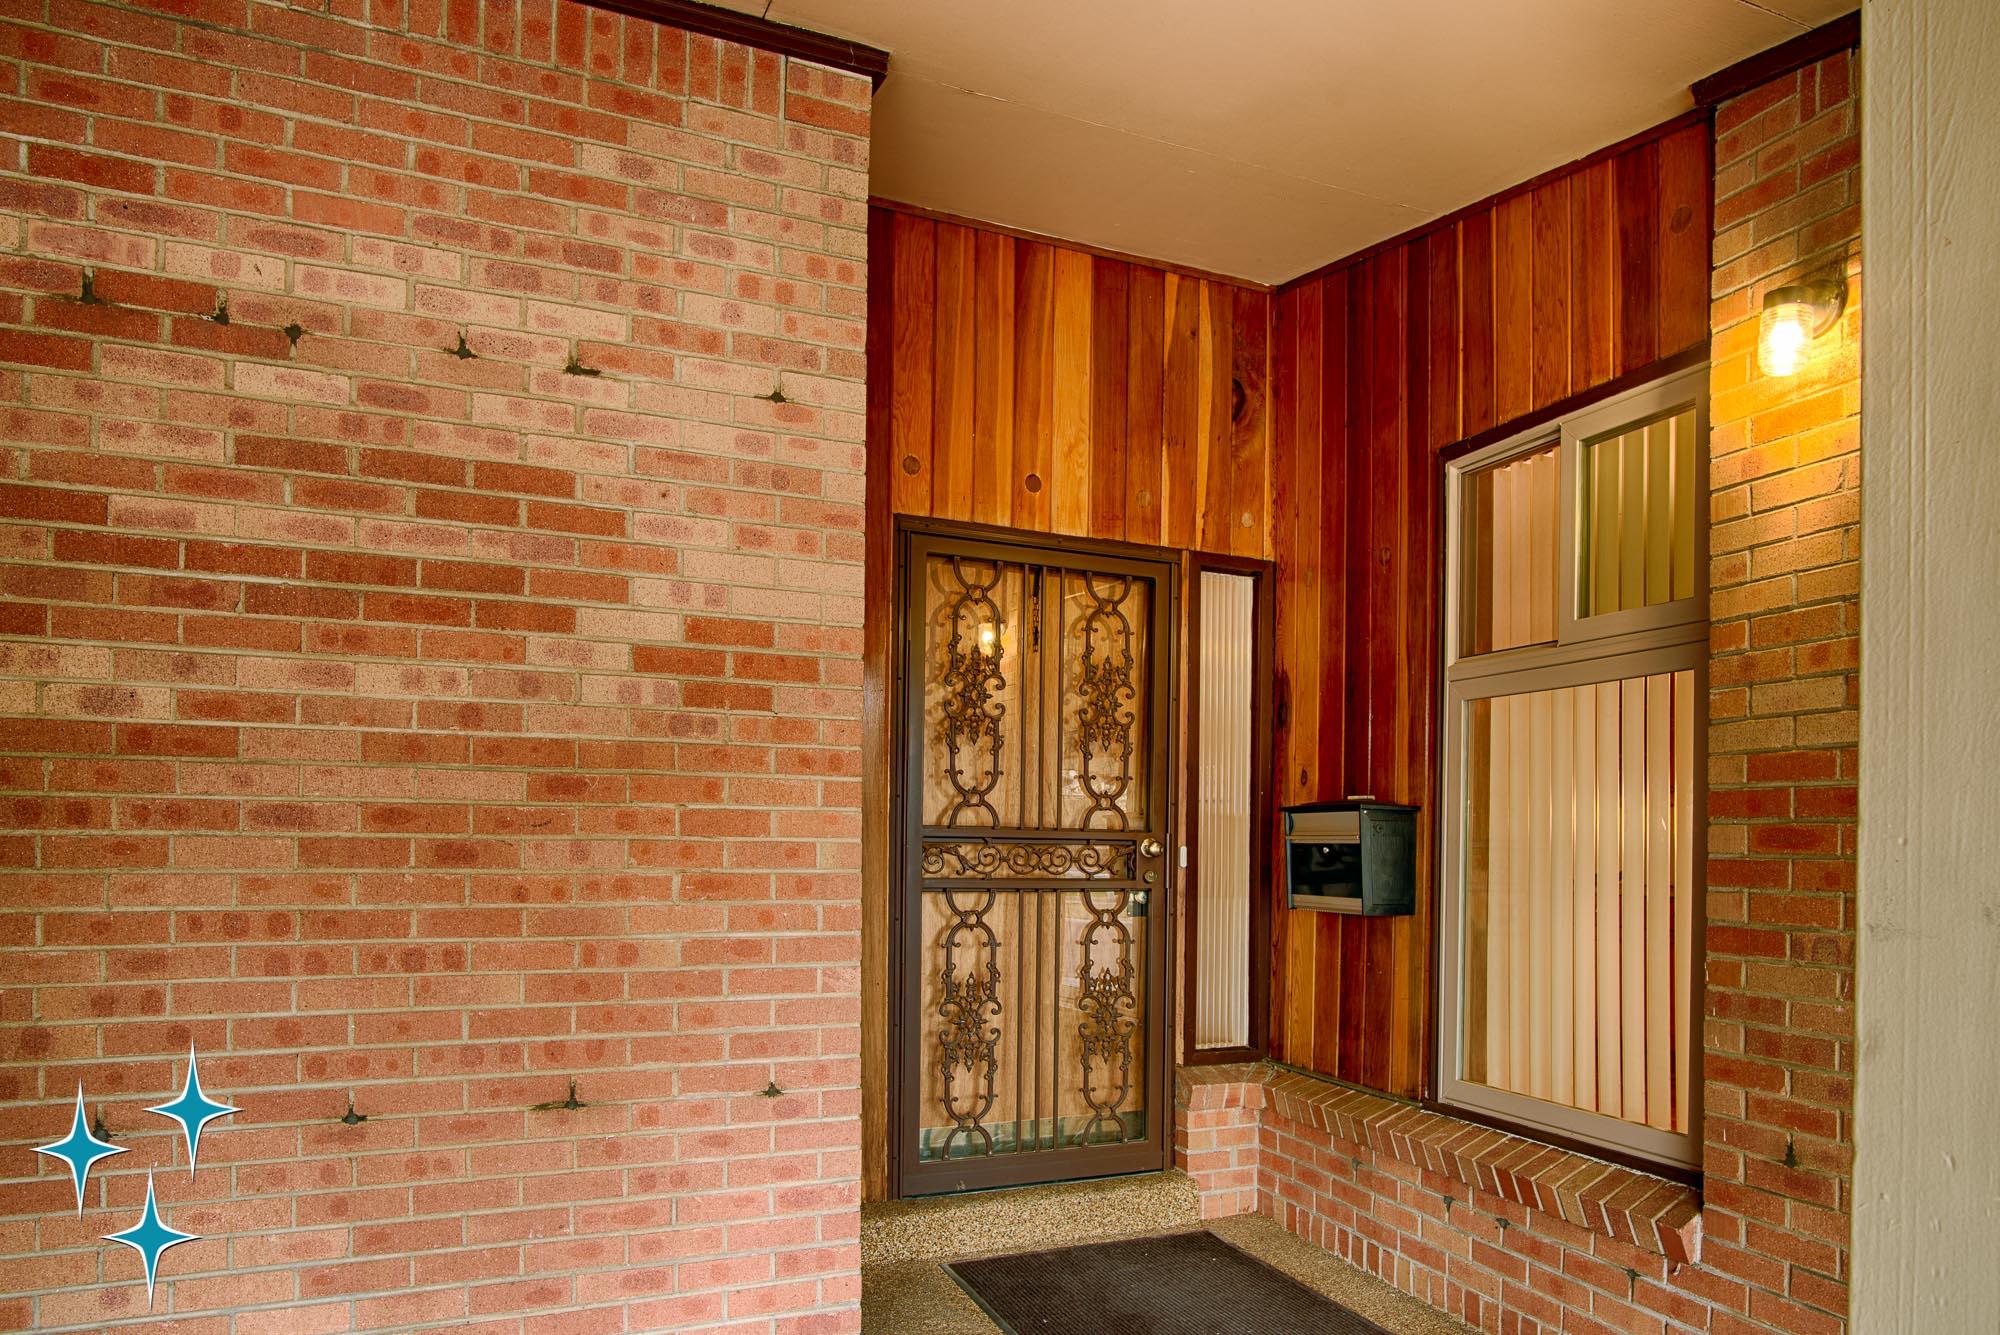 Adrian-Kinney-4155-W-Iliff-Avenue-Denver-r-Carey-Holiday-Home-2000w50-3SWM-17.jpg